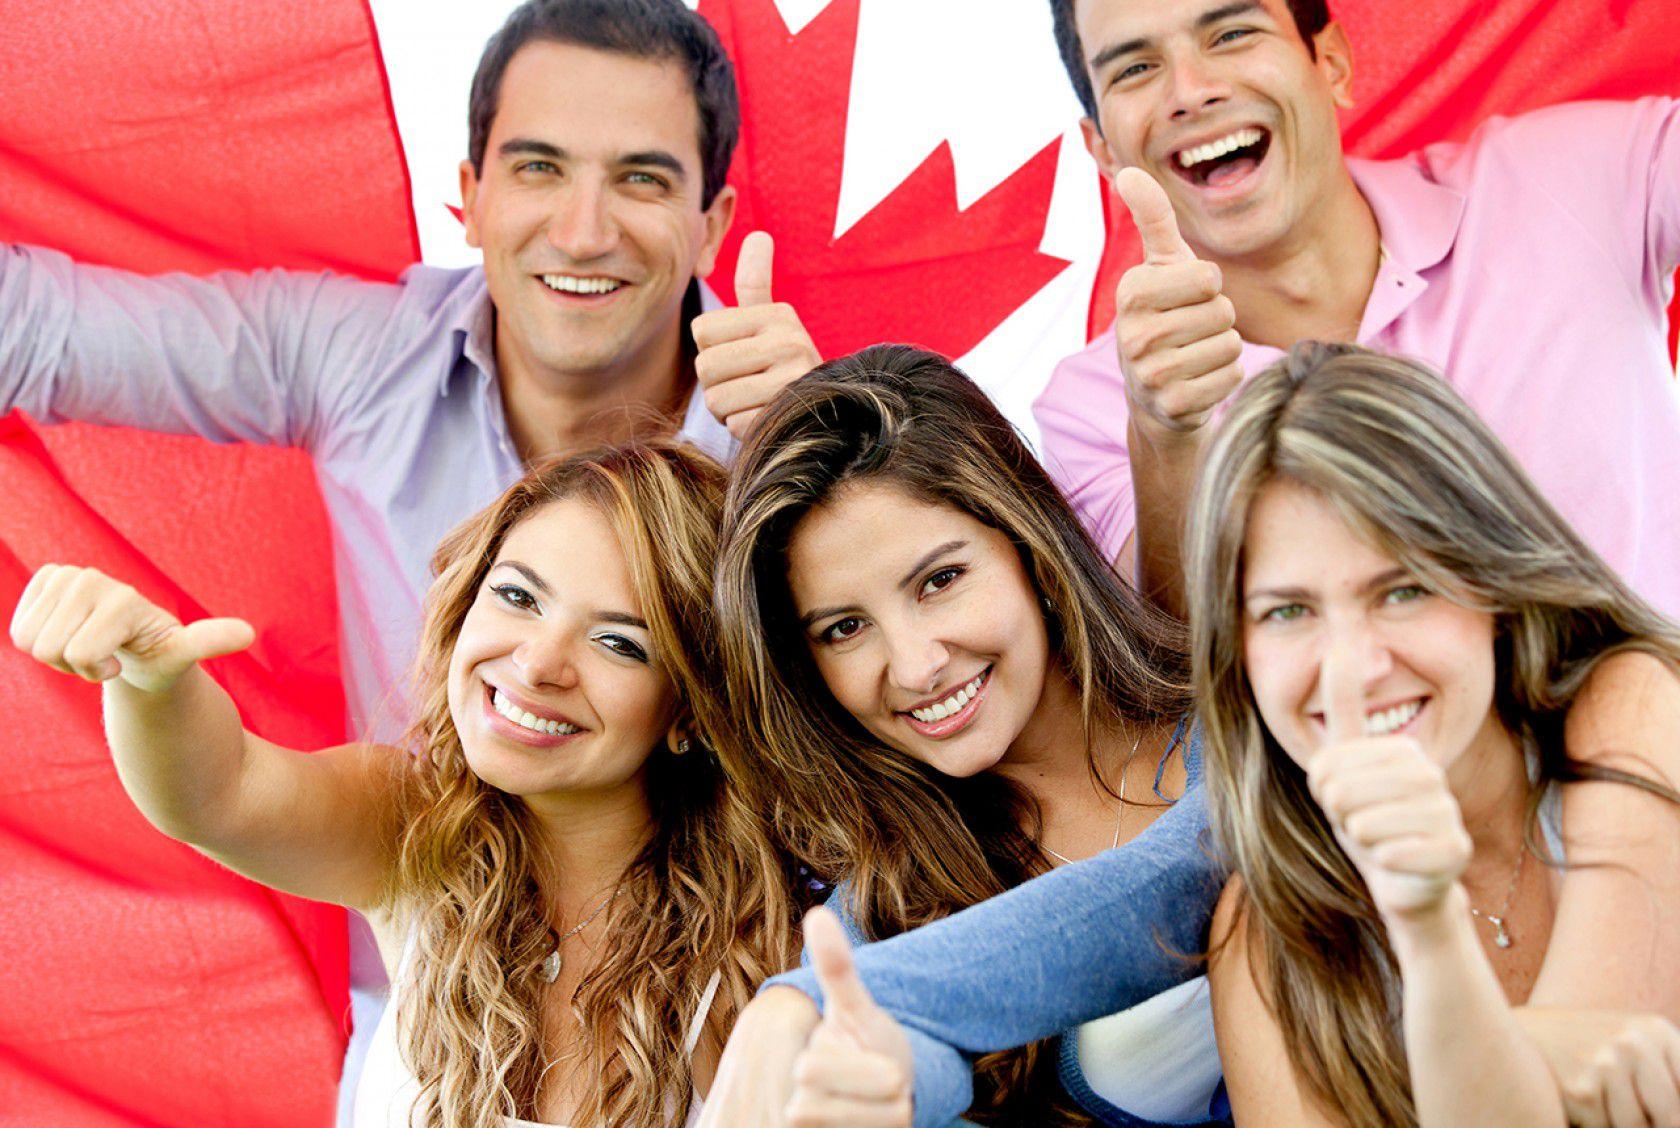 Kanada British Columbia'da Özel Yatılı Lise Eğitimi Ve Kampüs Hayatı Nasıldır?